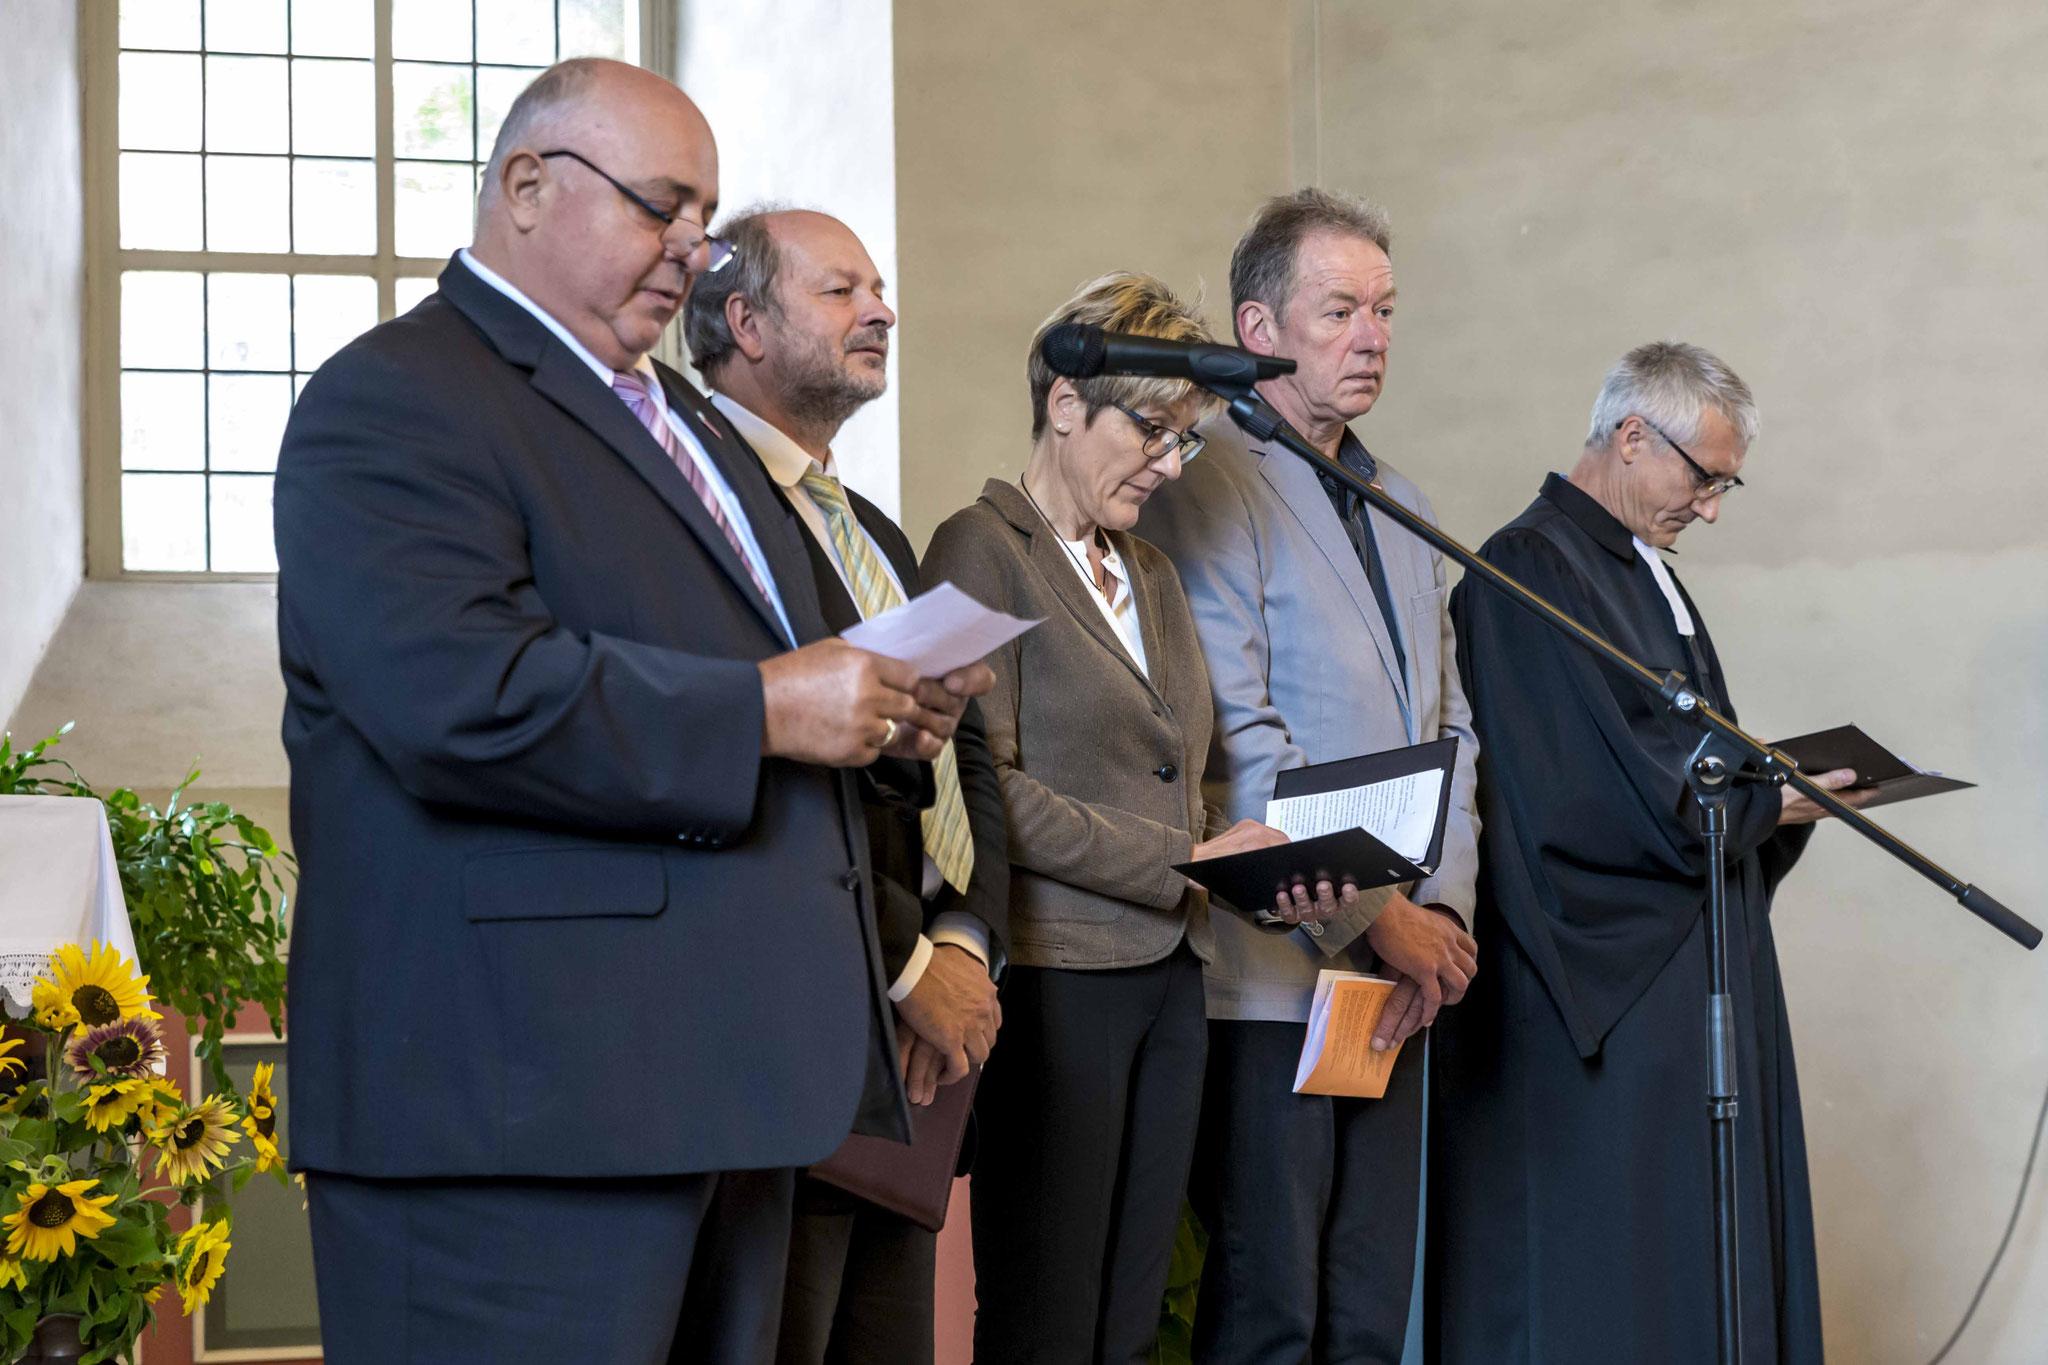 Das Fürbittgebet am Ende des Gottesdienstes sprachen Karl-Heinz Göpel (v.l.n.r.), Dieter Lomb, Hannelore Volke, Alfred Schüttler und Dr. Jochen Gerlach